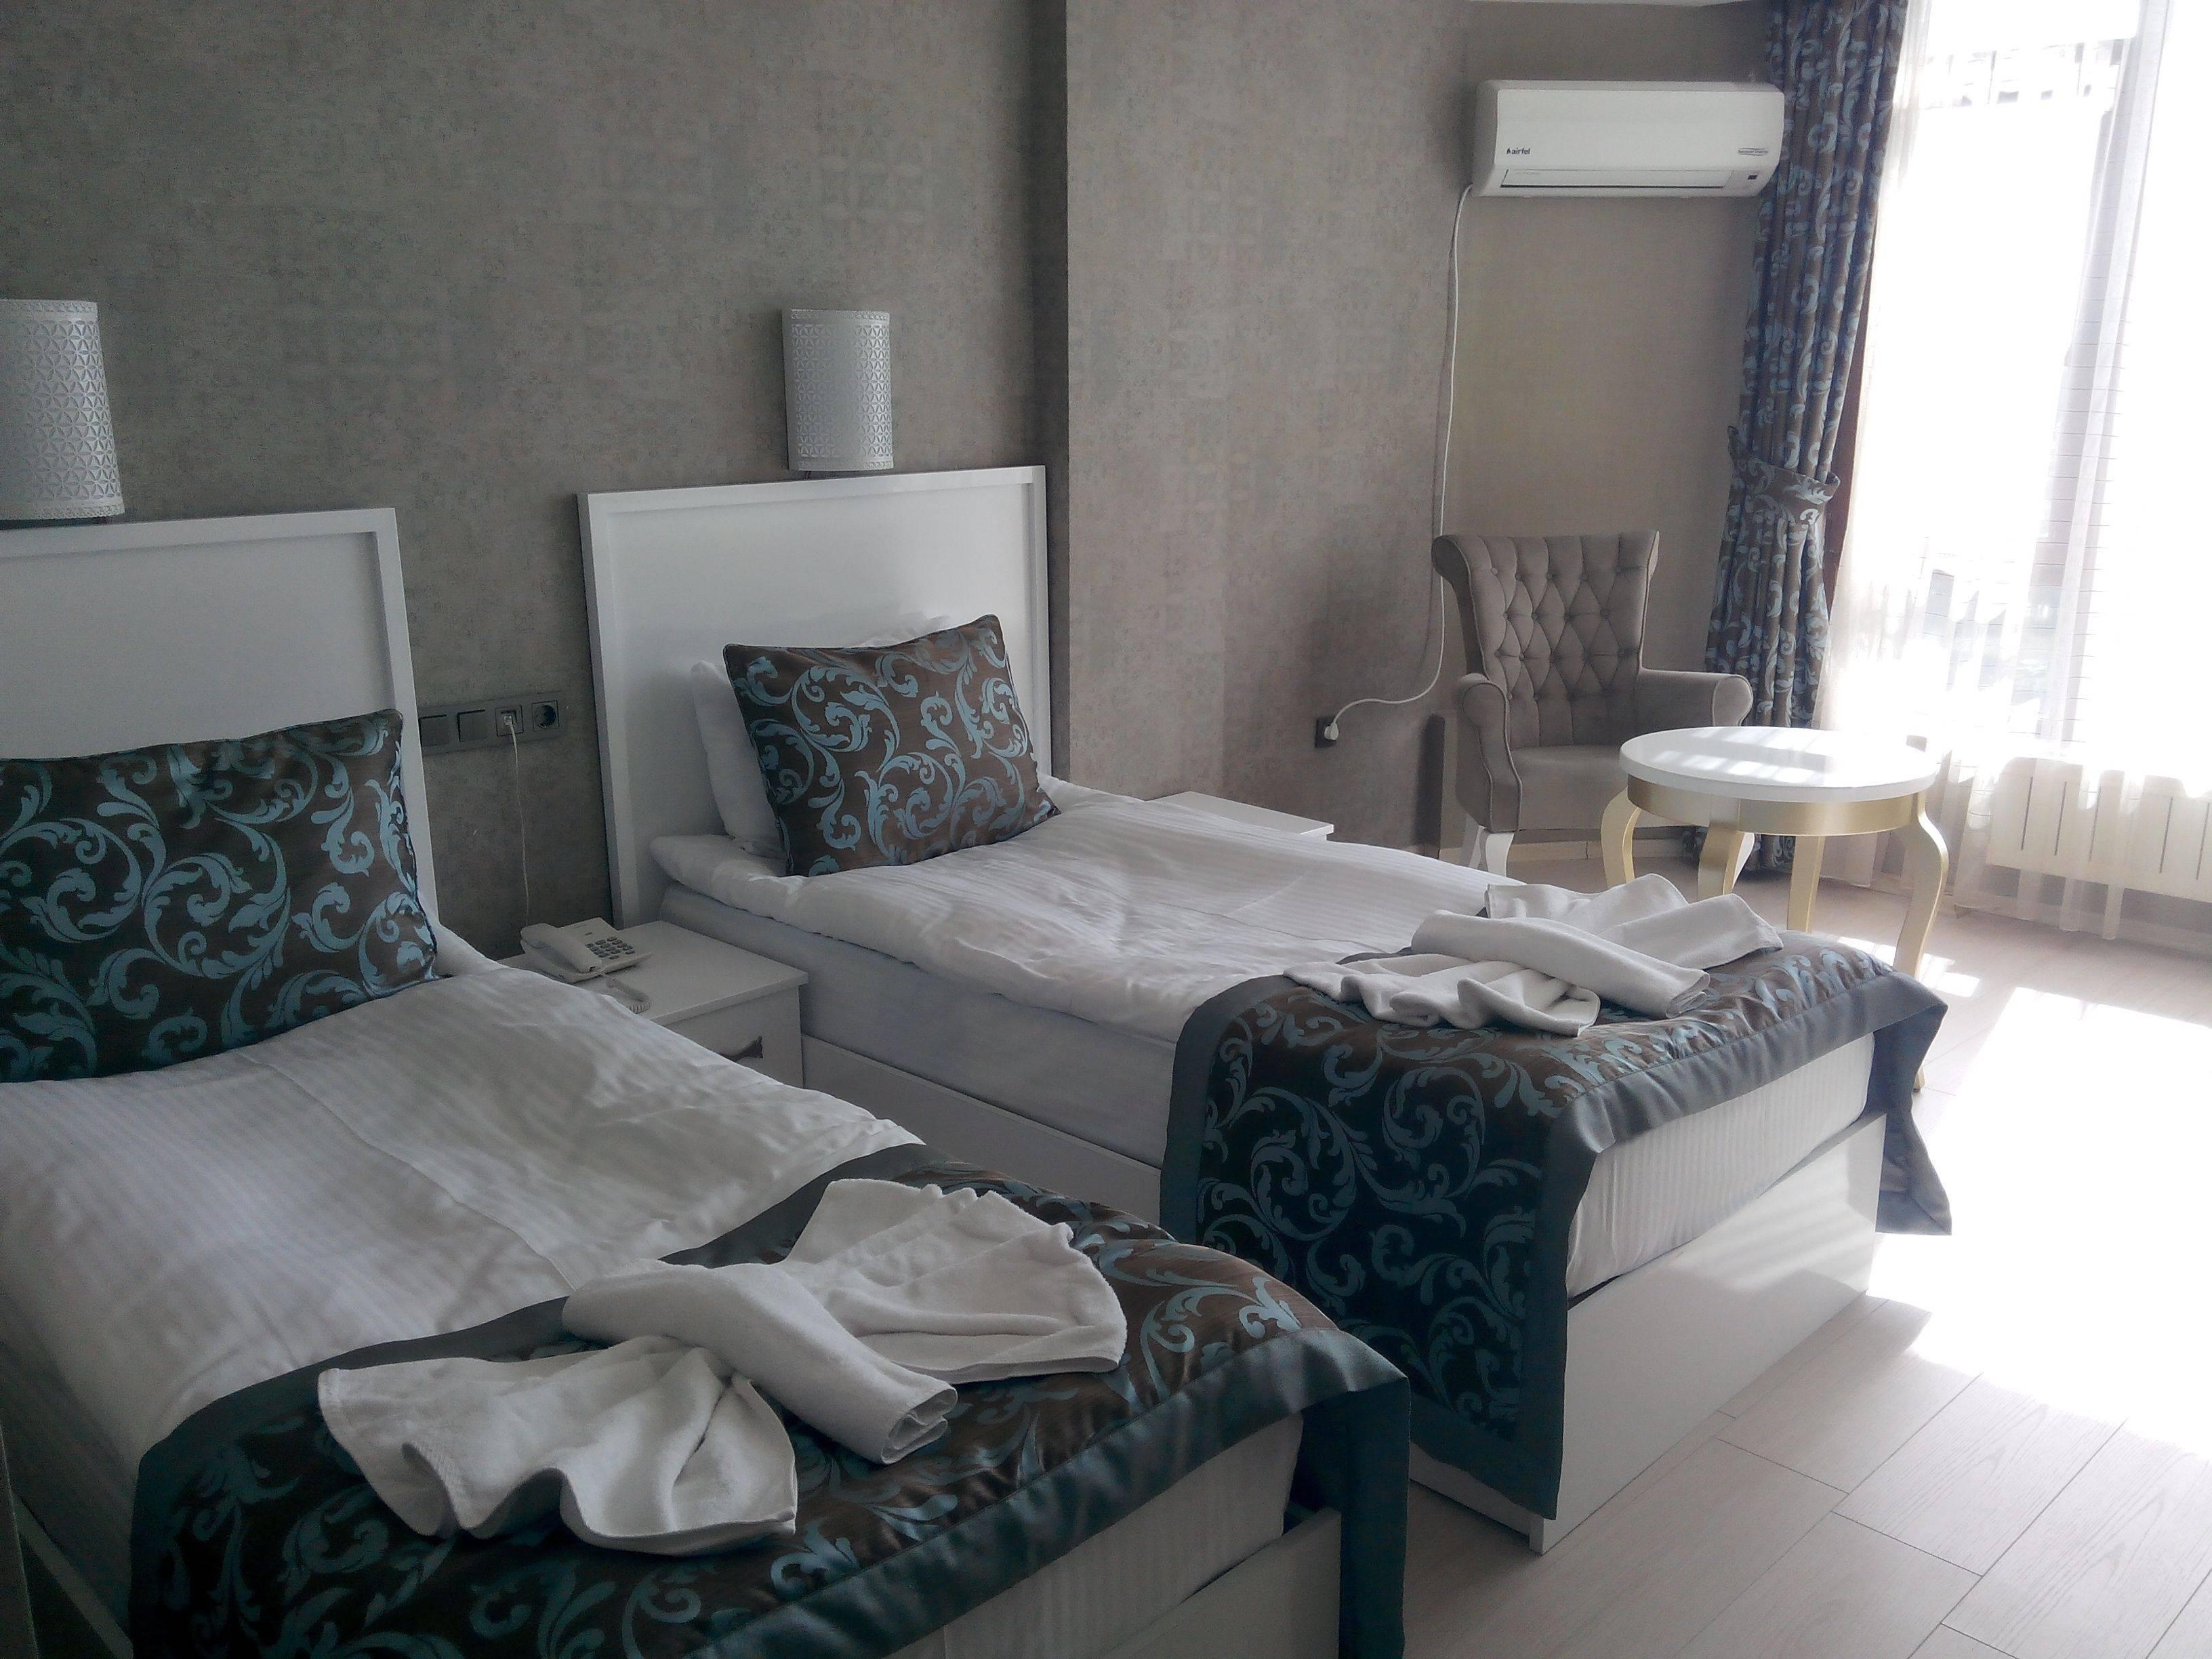 Beyaz Saray Otel, Kırıkkale, Kırıkkale Merkez, 24455